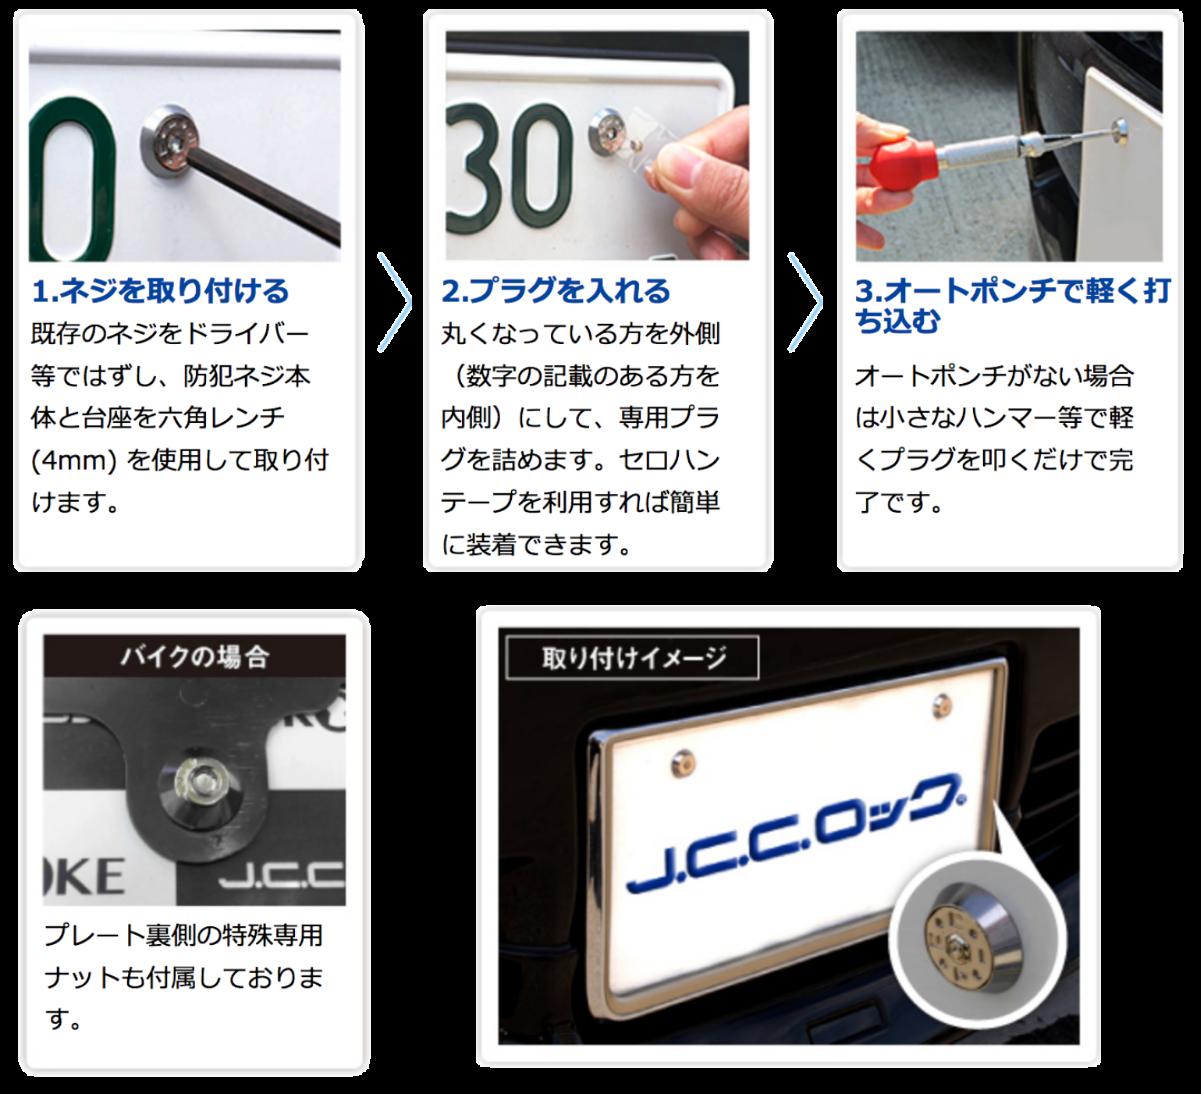 「JCCロック」取り付け方法